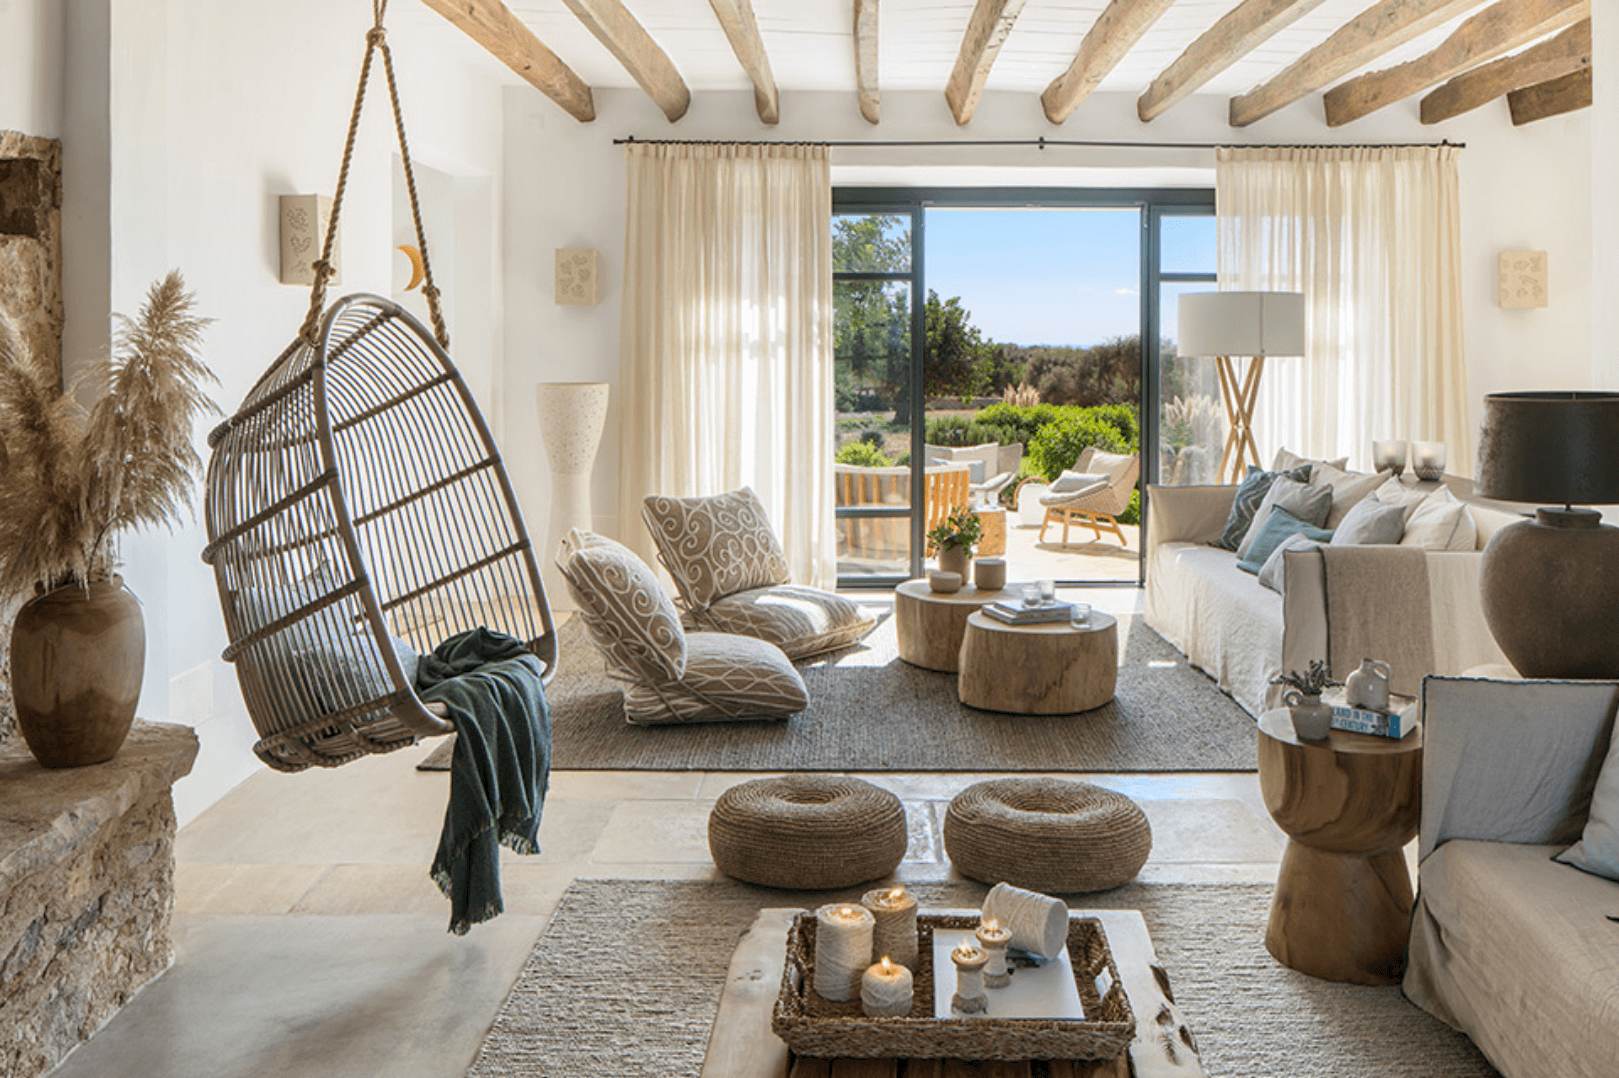 Thiết kế nội thất phong cách organic